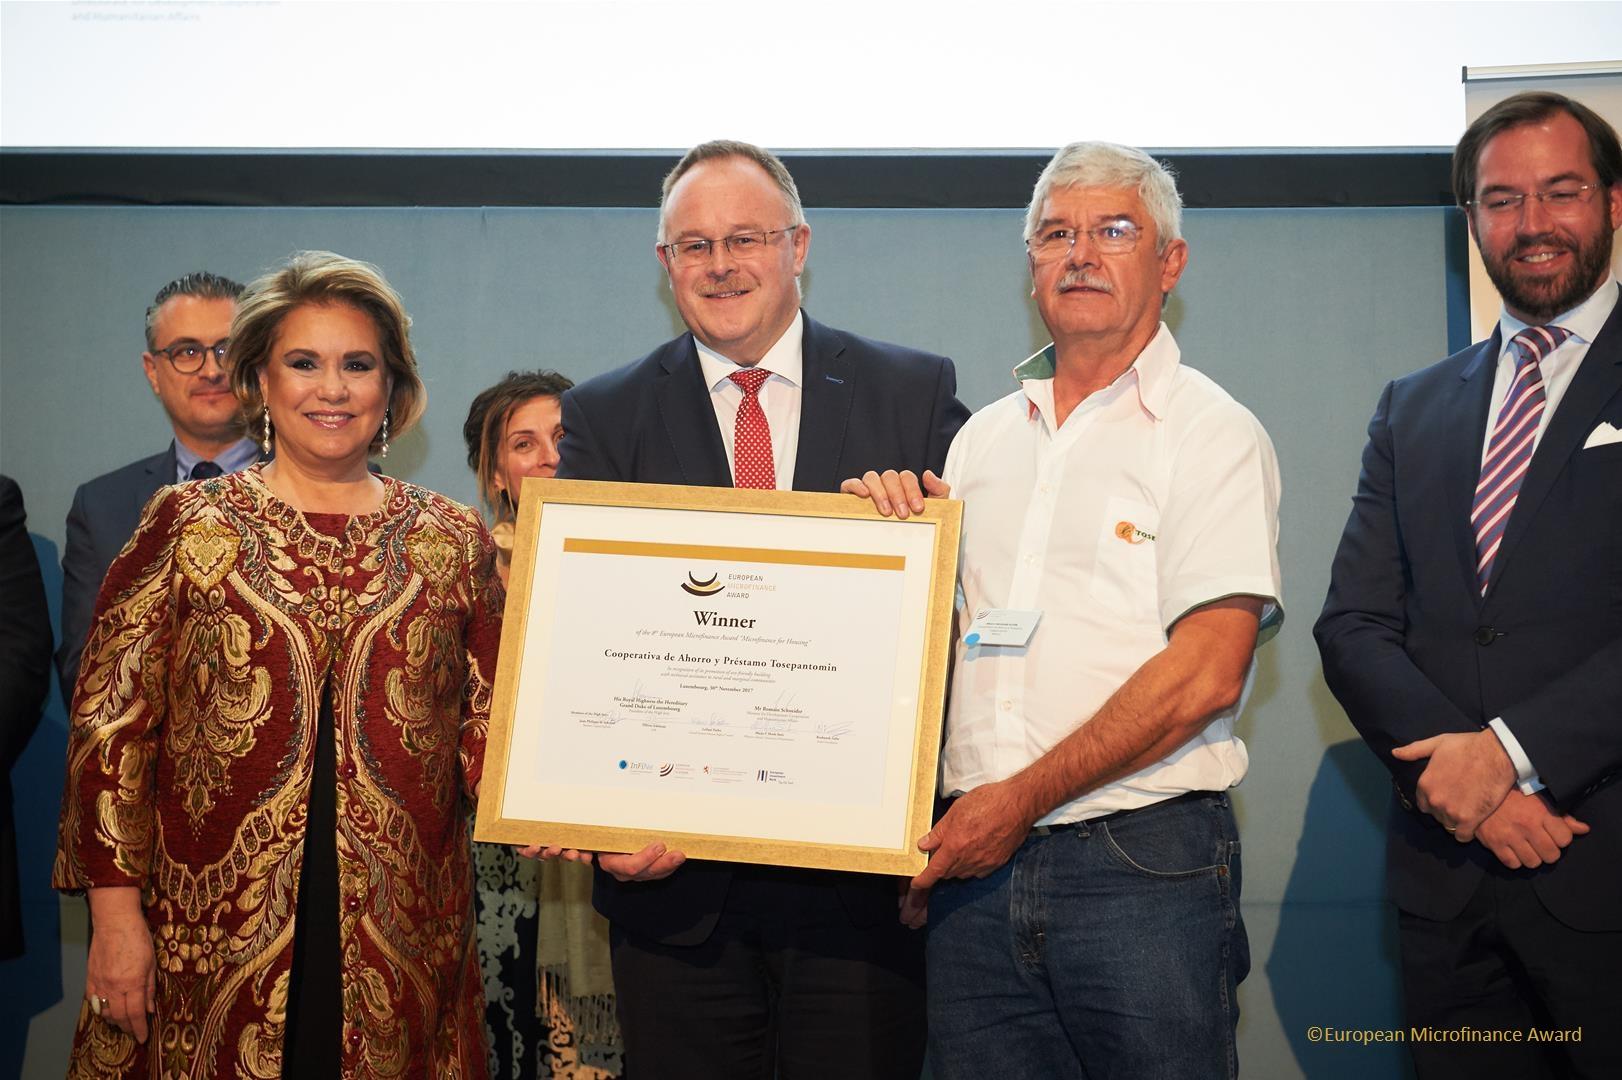 The 8th European Microfinance Award 2017